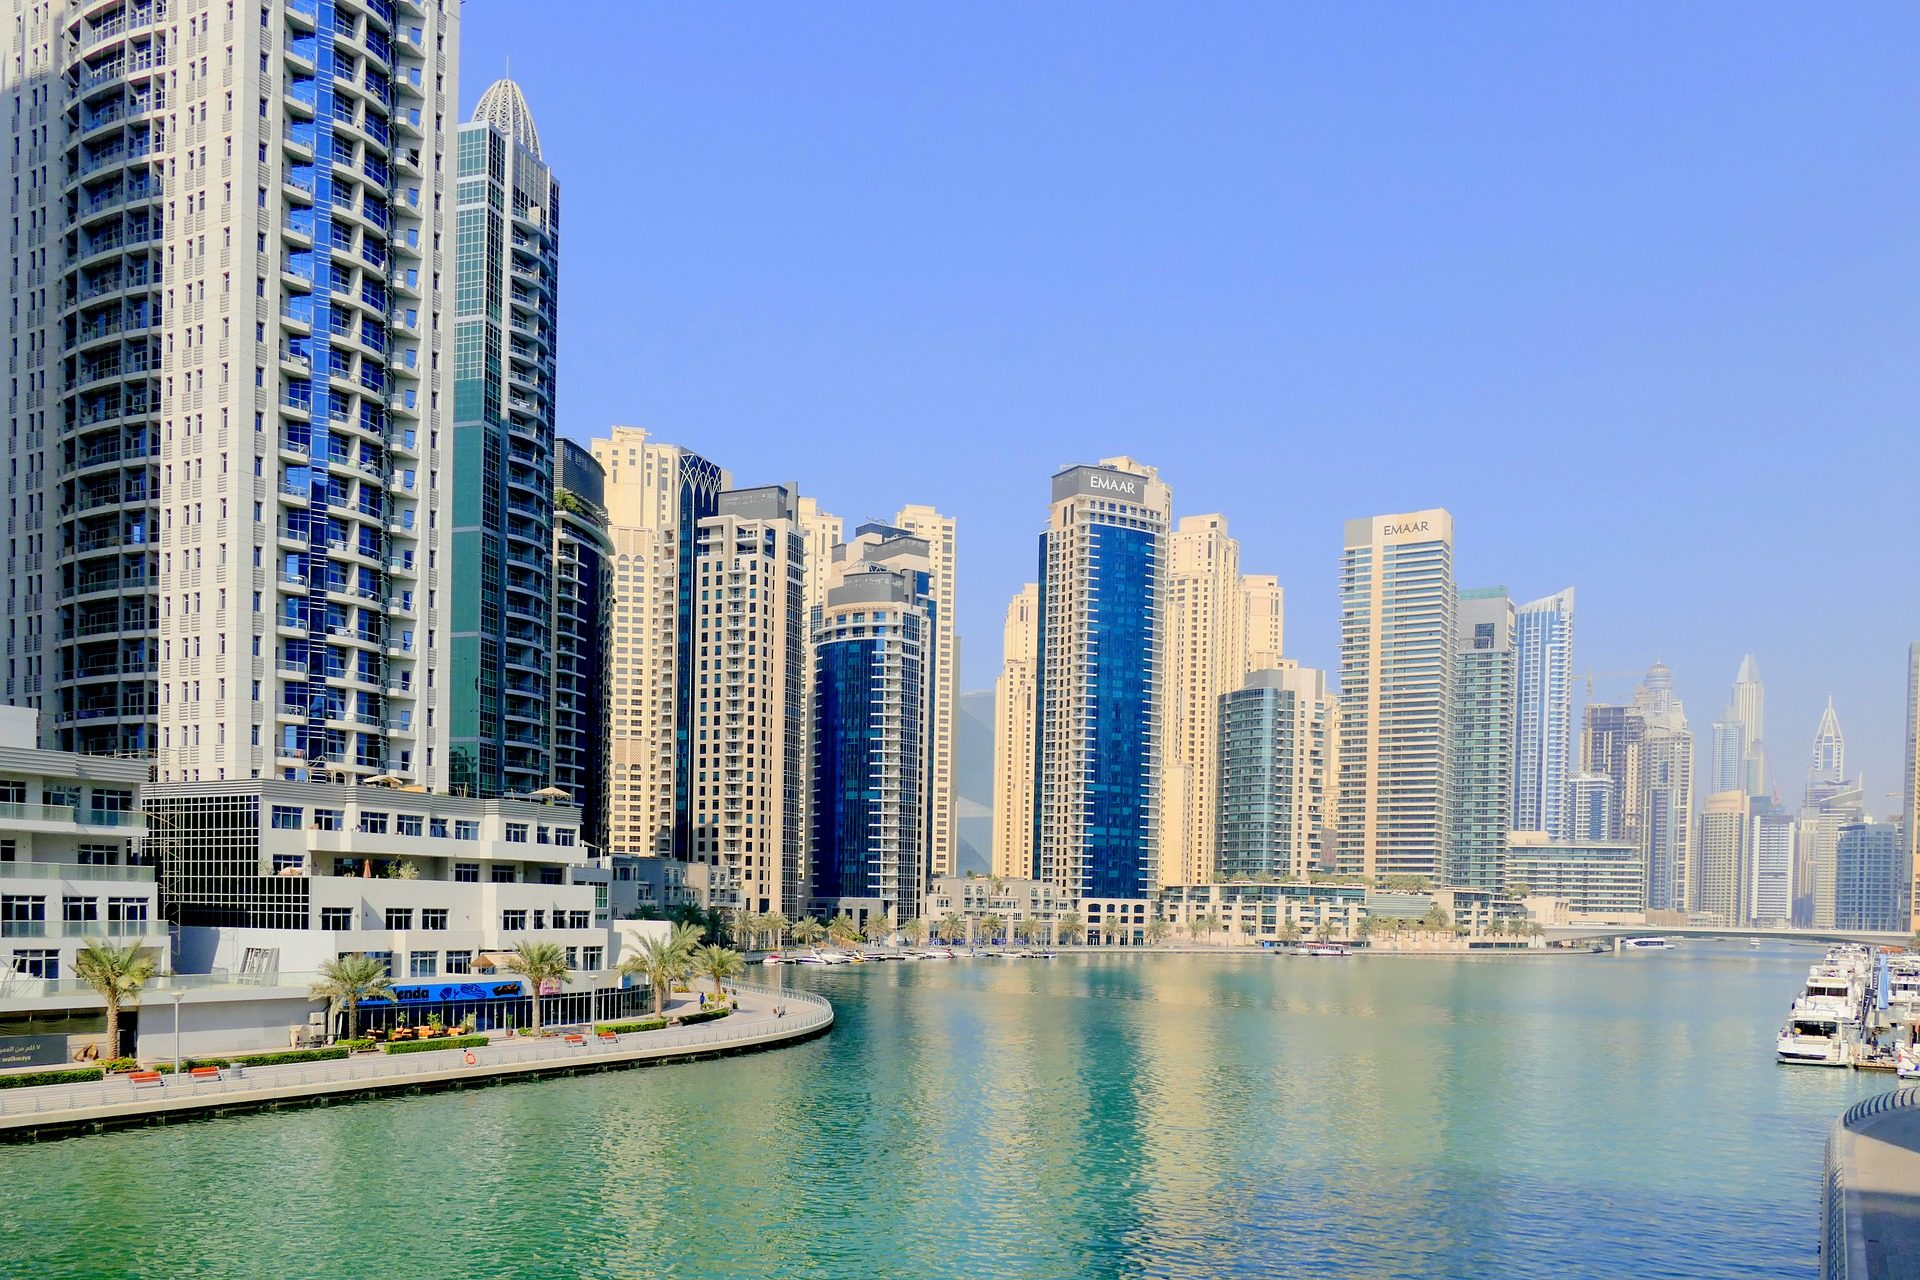 Ville, port, gratte-ciel, bâtiments, eau, Skyline, Dubai - Fonds d'écran HD - Professor-falken.com